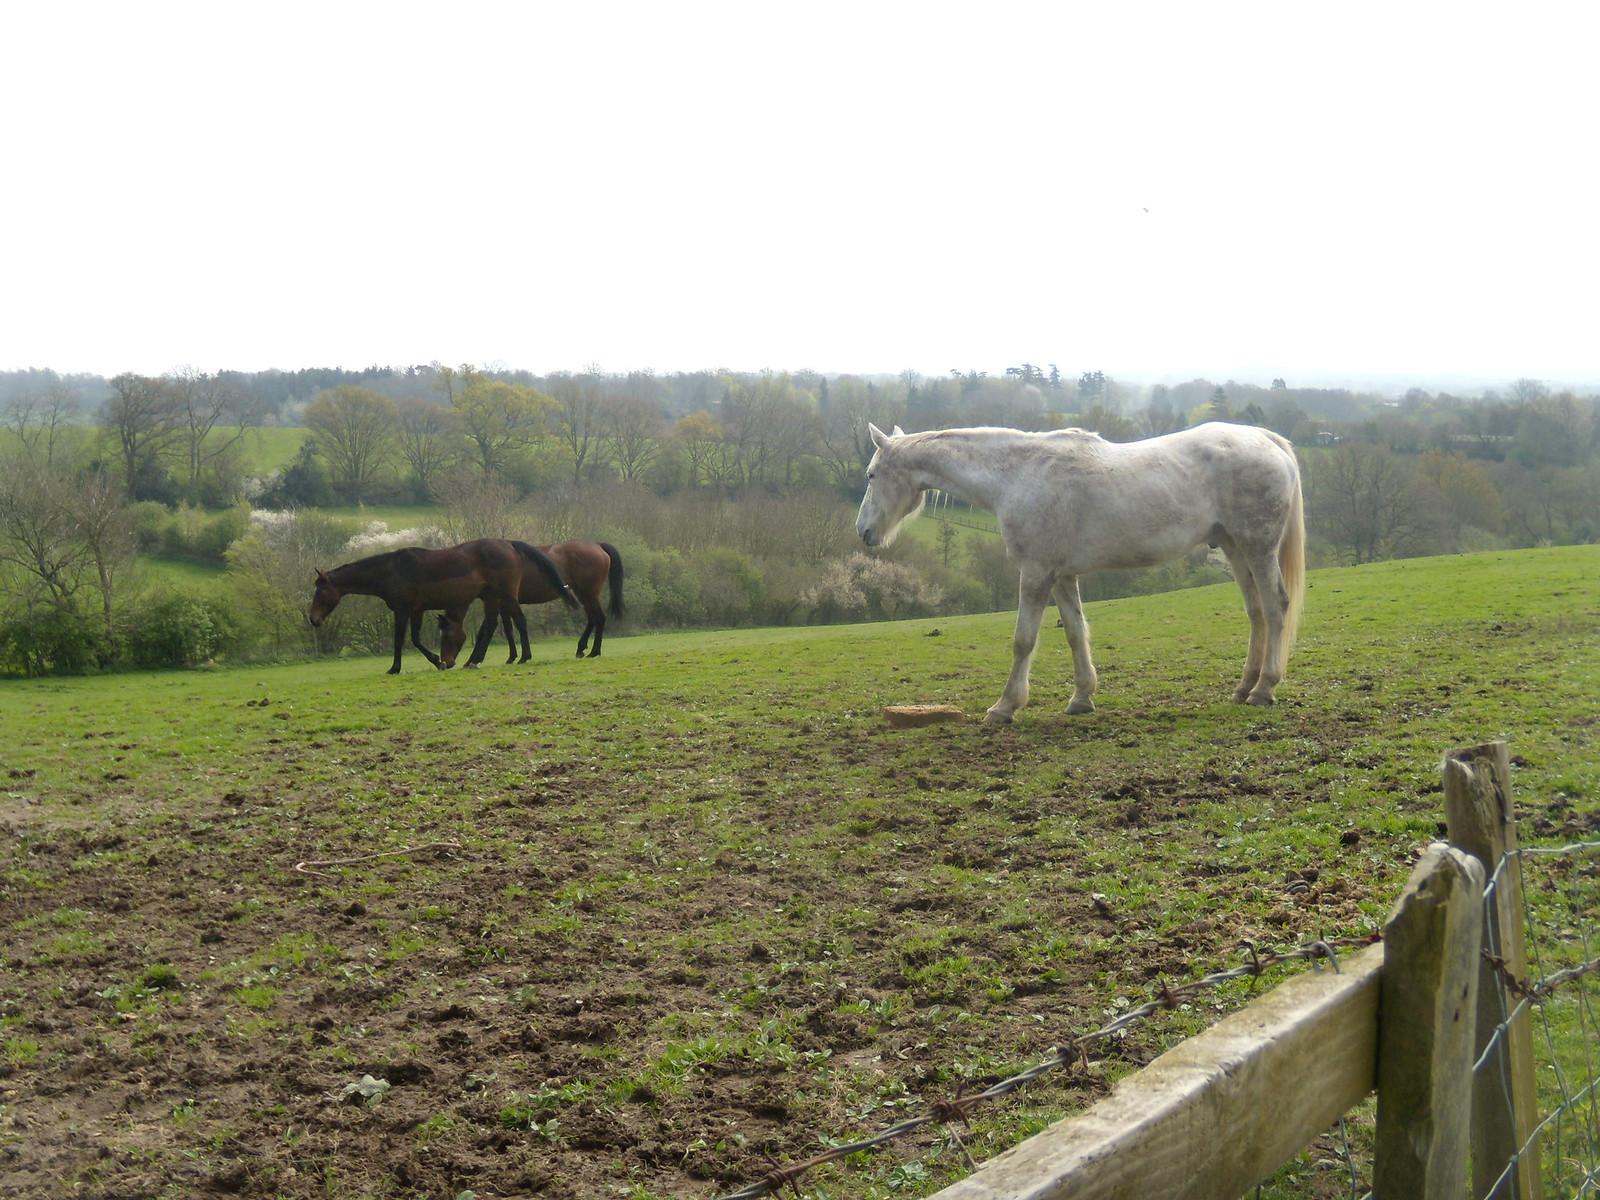 Horses Billingshurst to Amberley